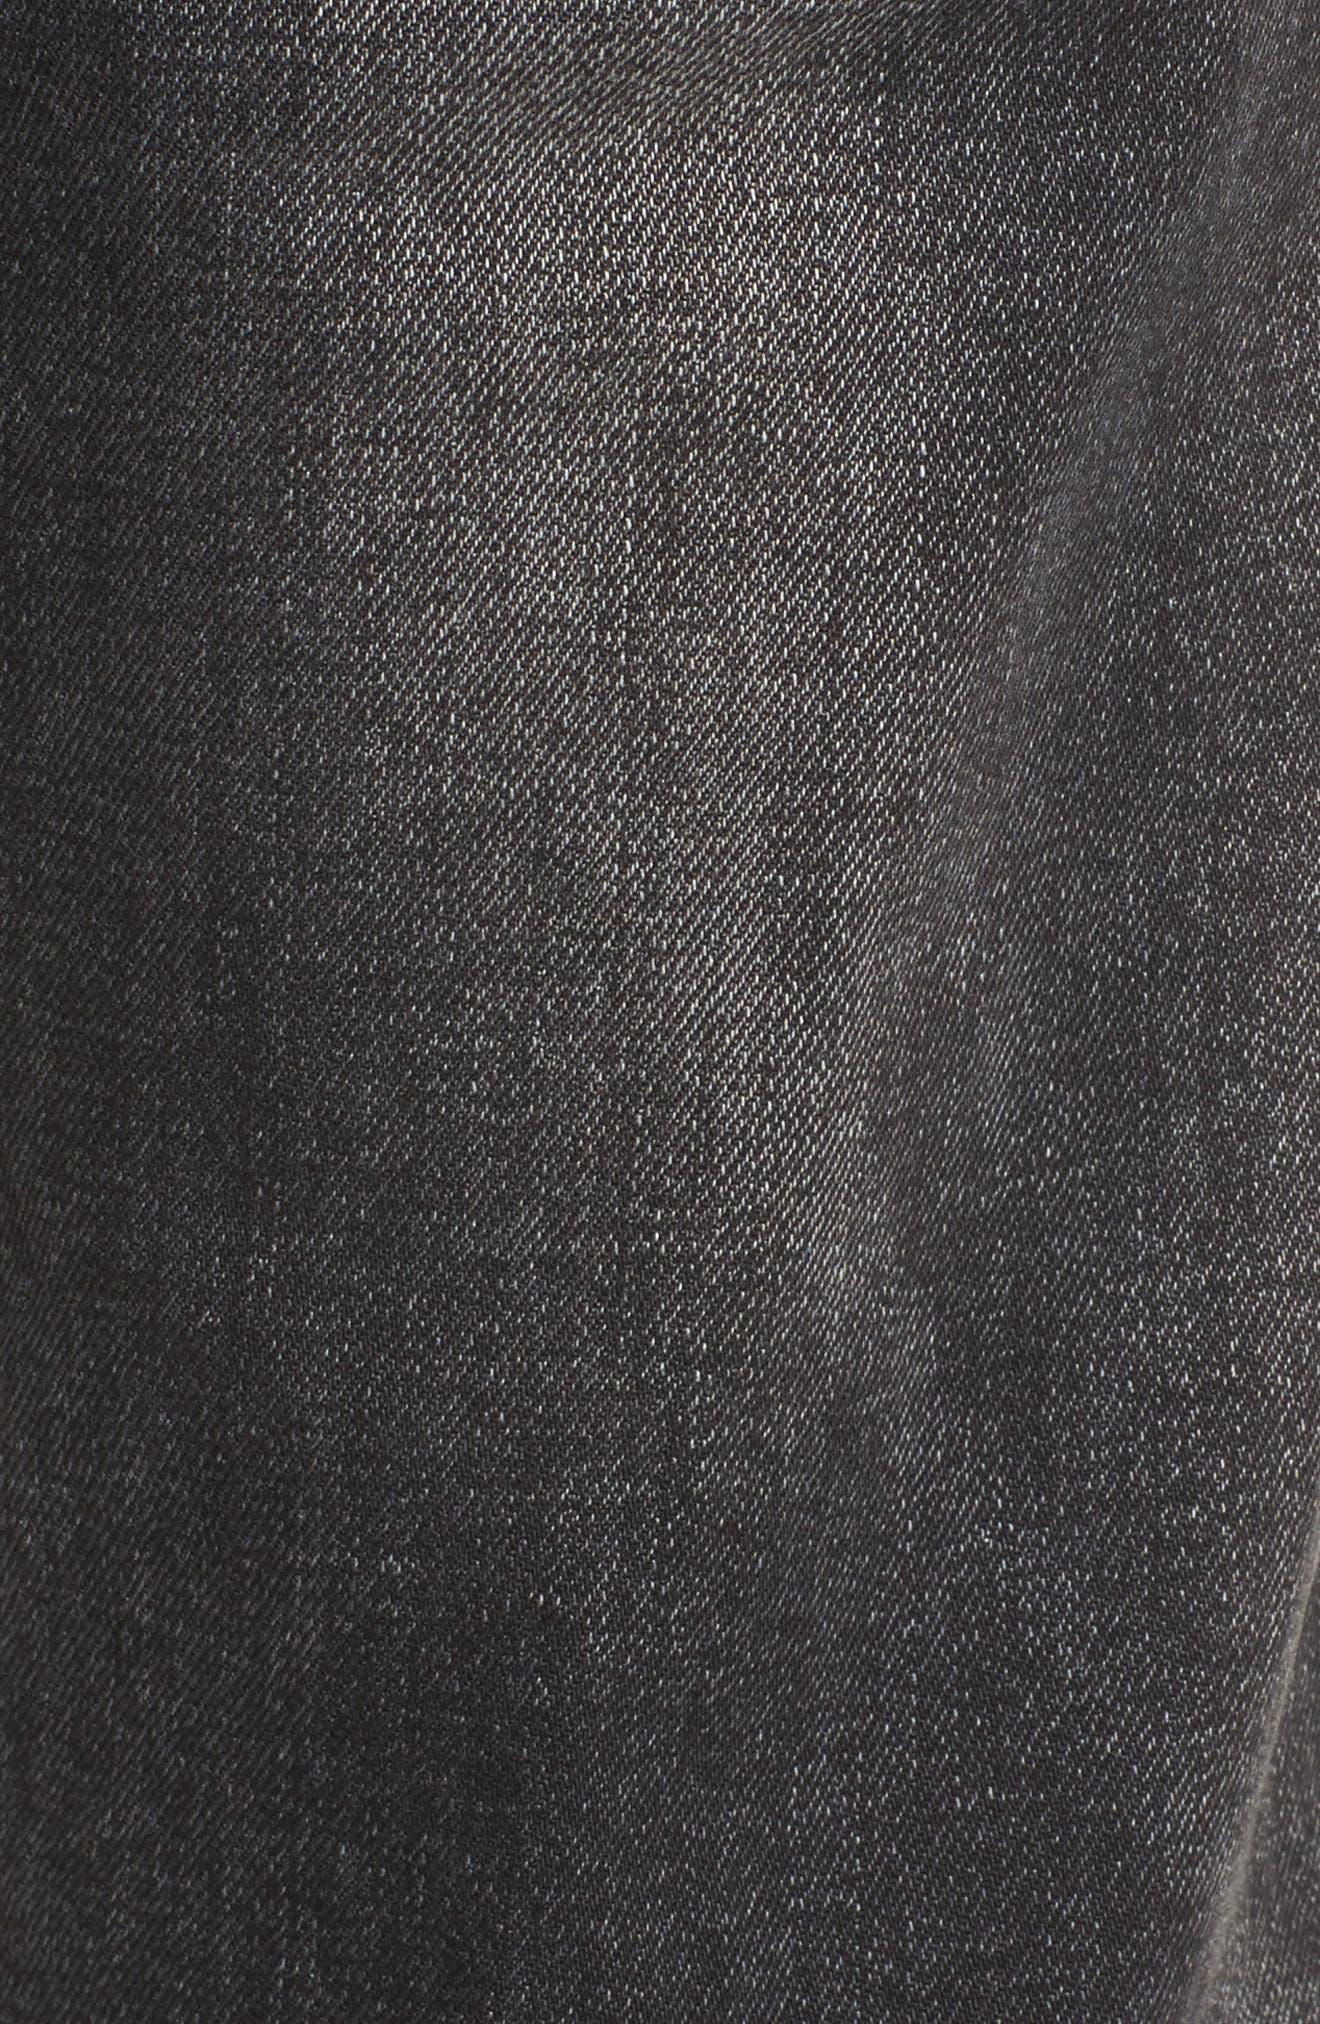 Blinder Biker Skinny Fit Jeans,                             Alternate thumbnail 5, color,                             Hacker